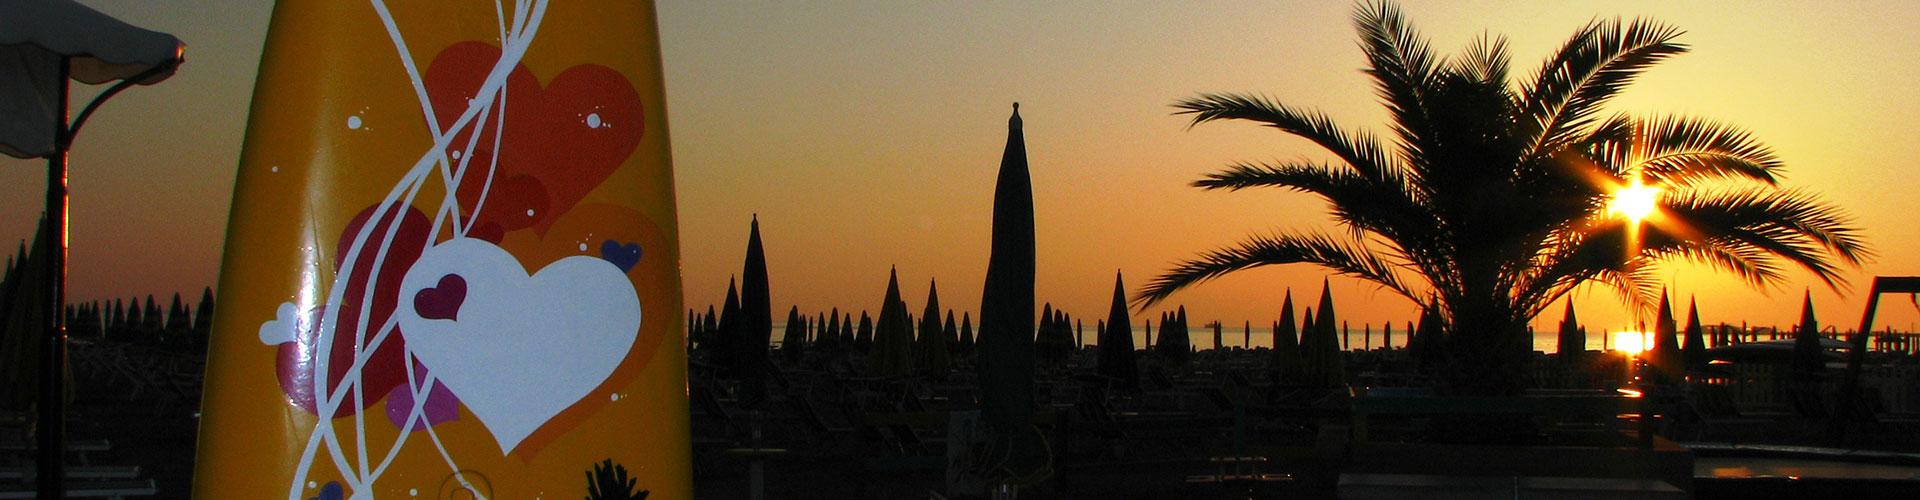 Matrimonio In Spiaggia Rimini : Matrimonio in spiaggia a rimini bagno vatikaki